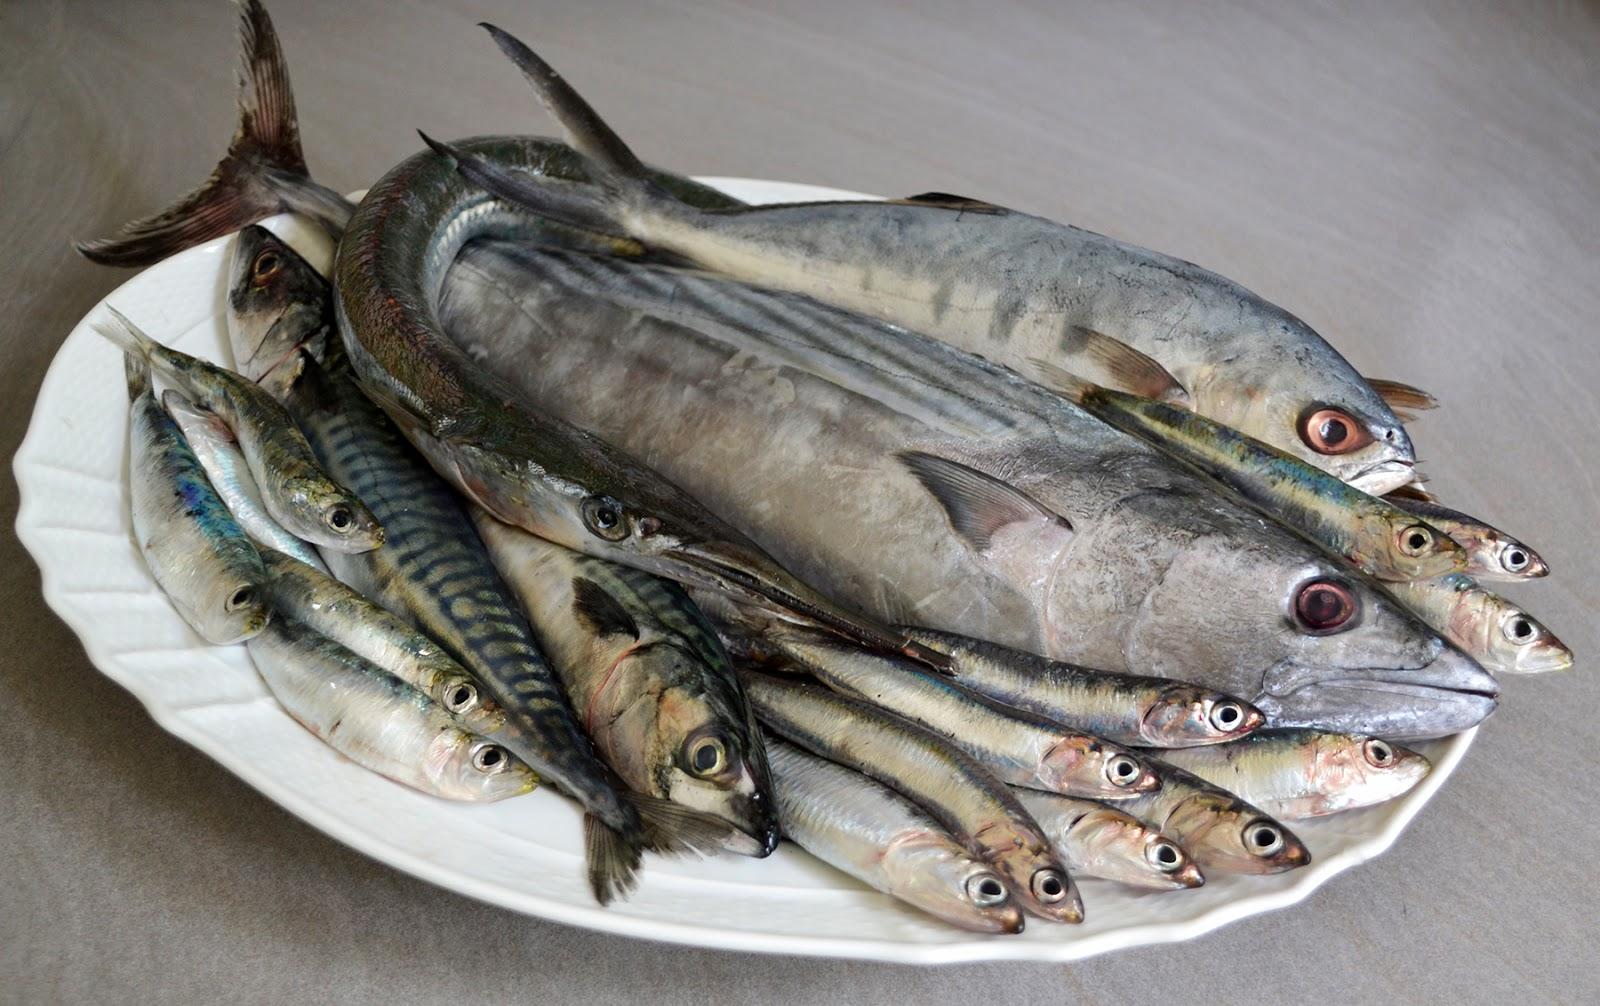 Poverimabelliebuoni Perche Il Pesce Azzurro E Azzurro